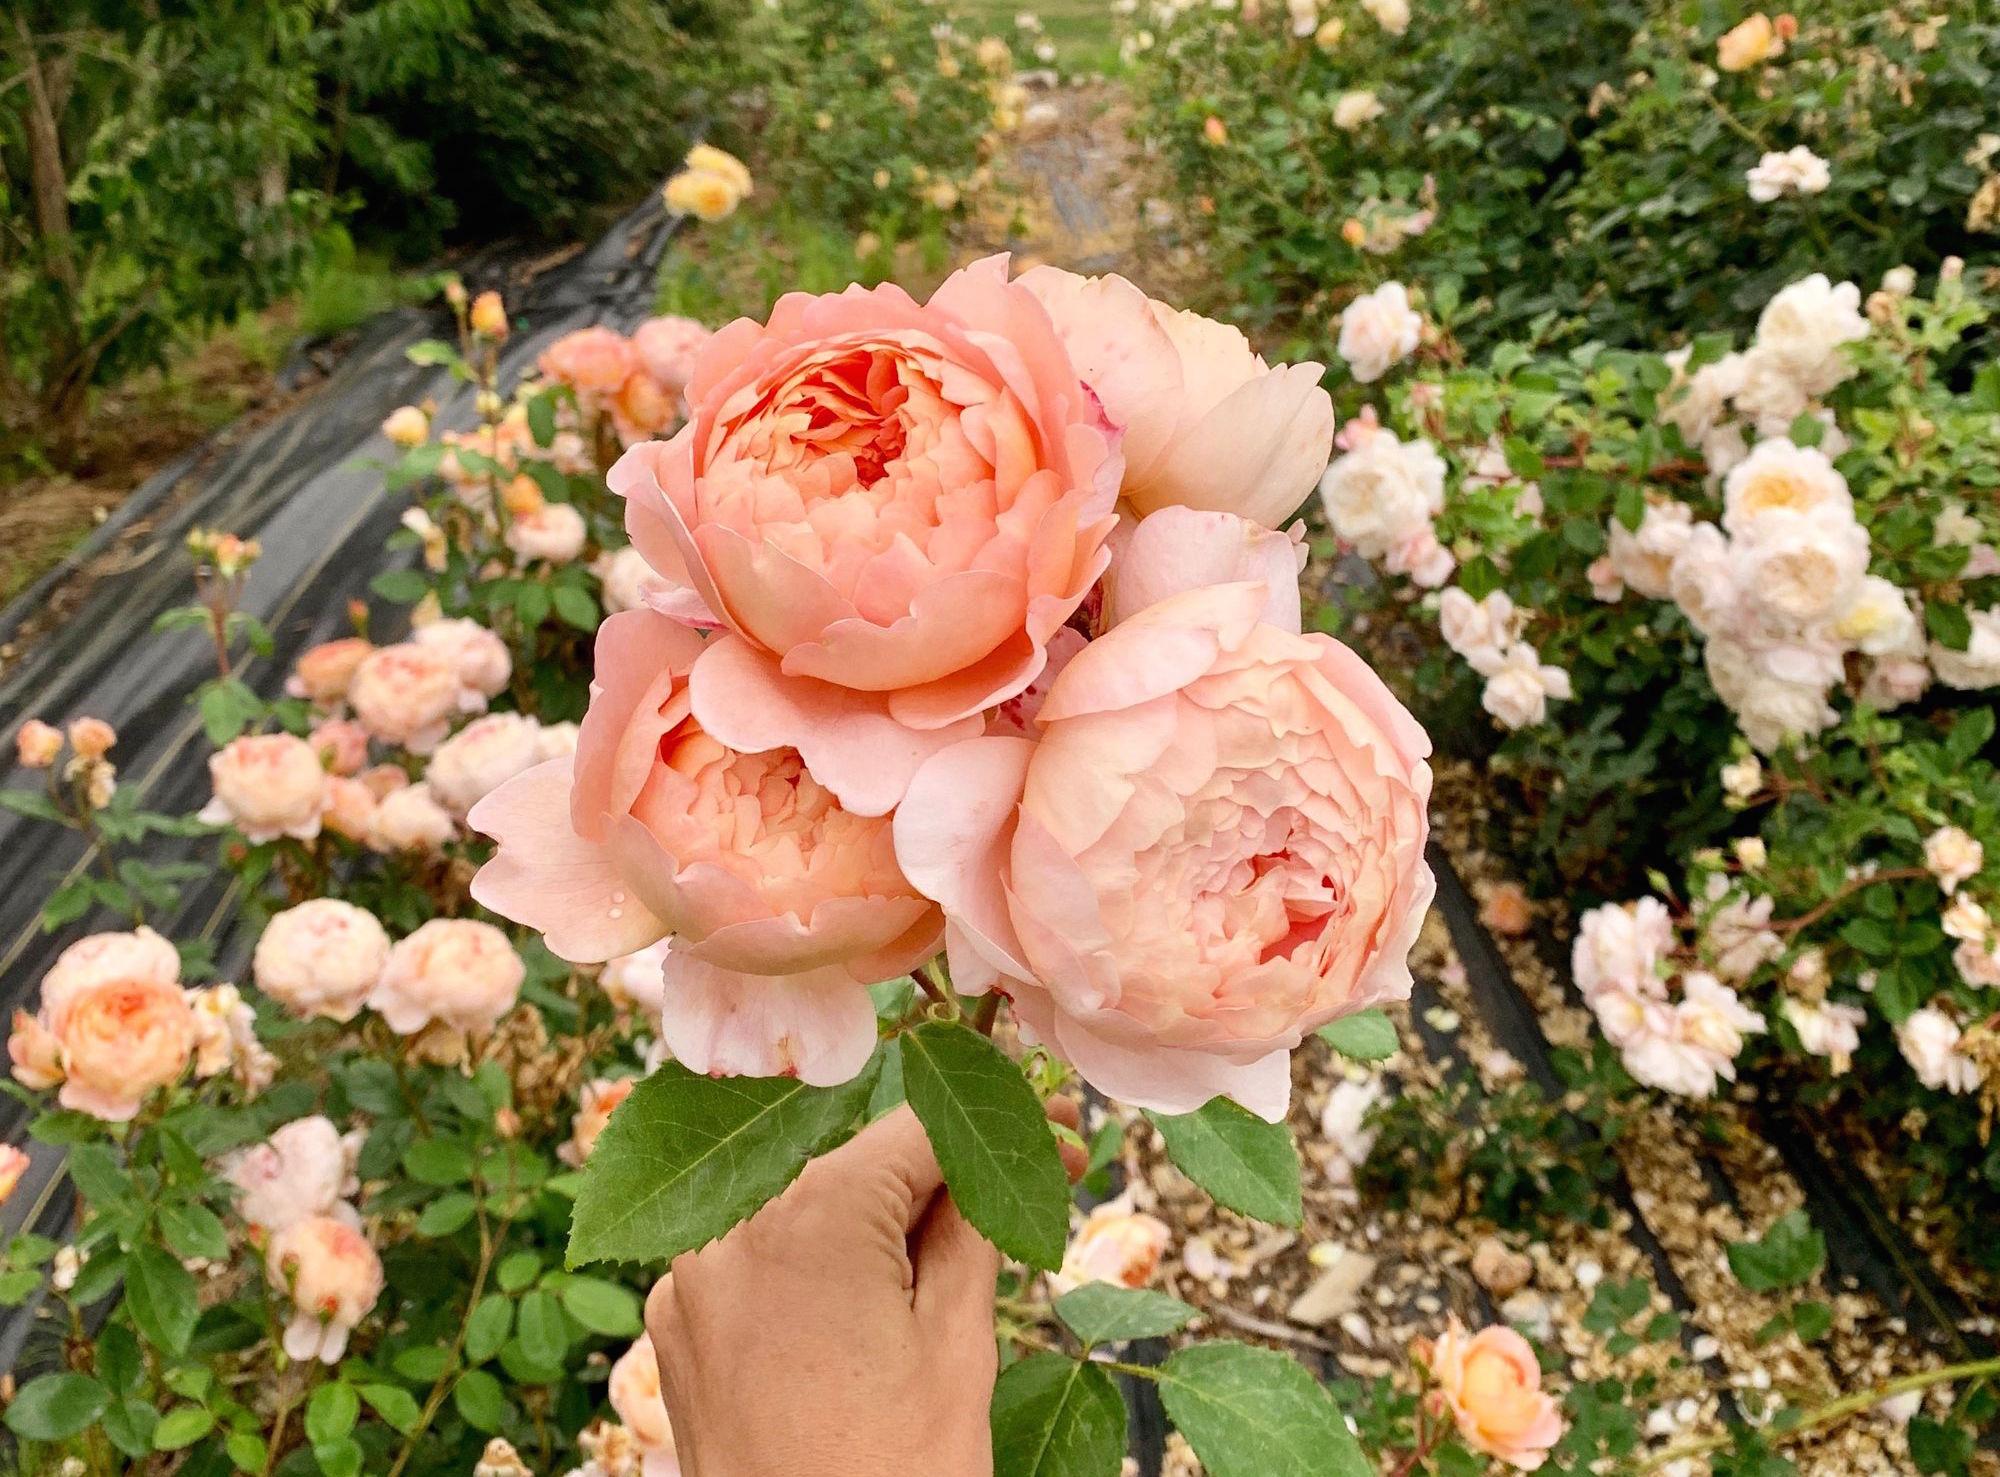 Thực hư hoa hồng có lợi sức khỏe con người